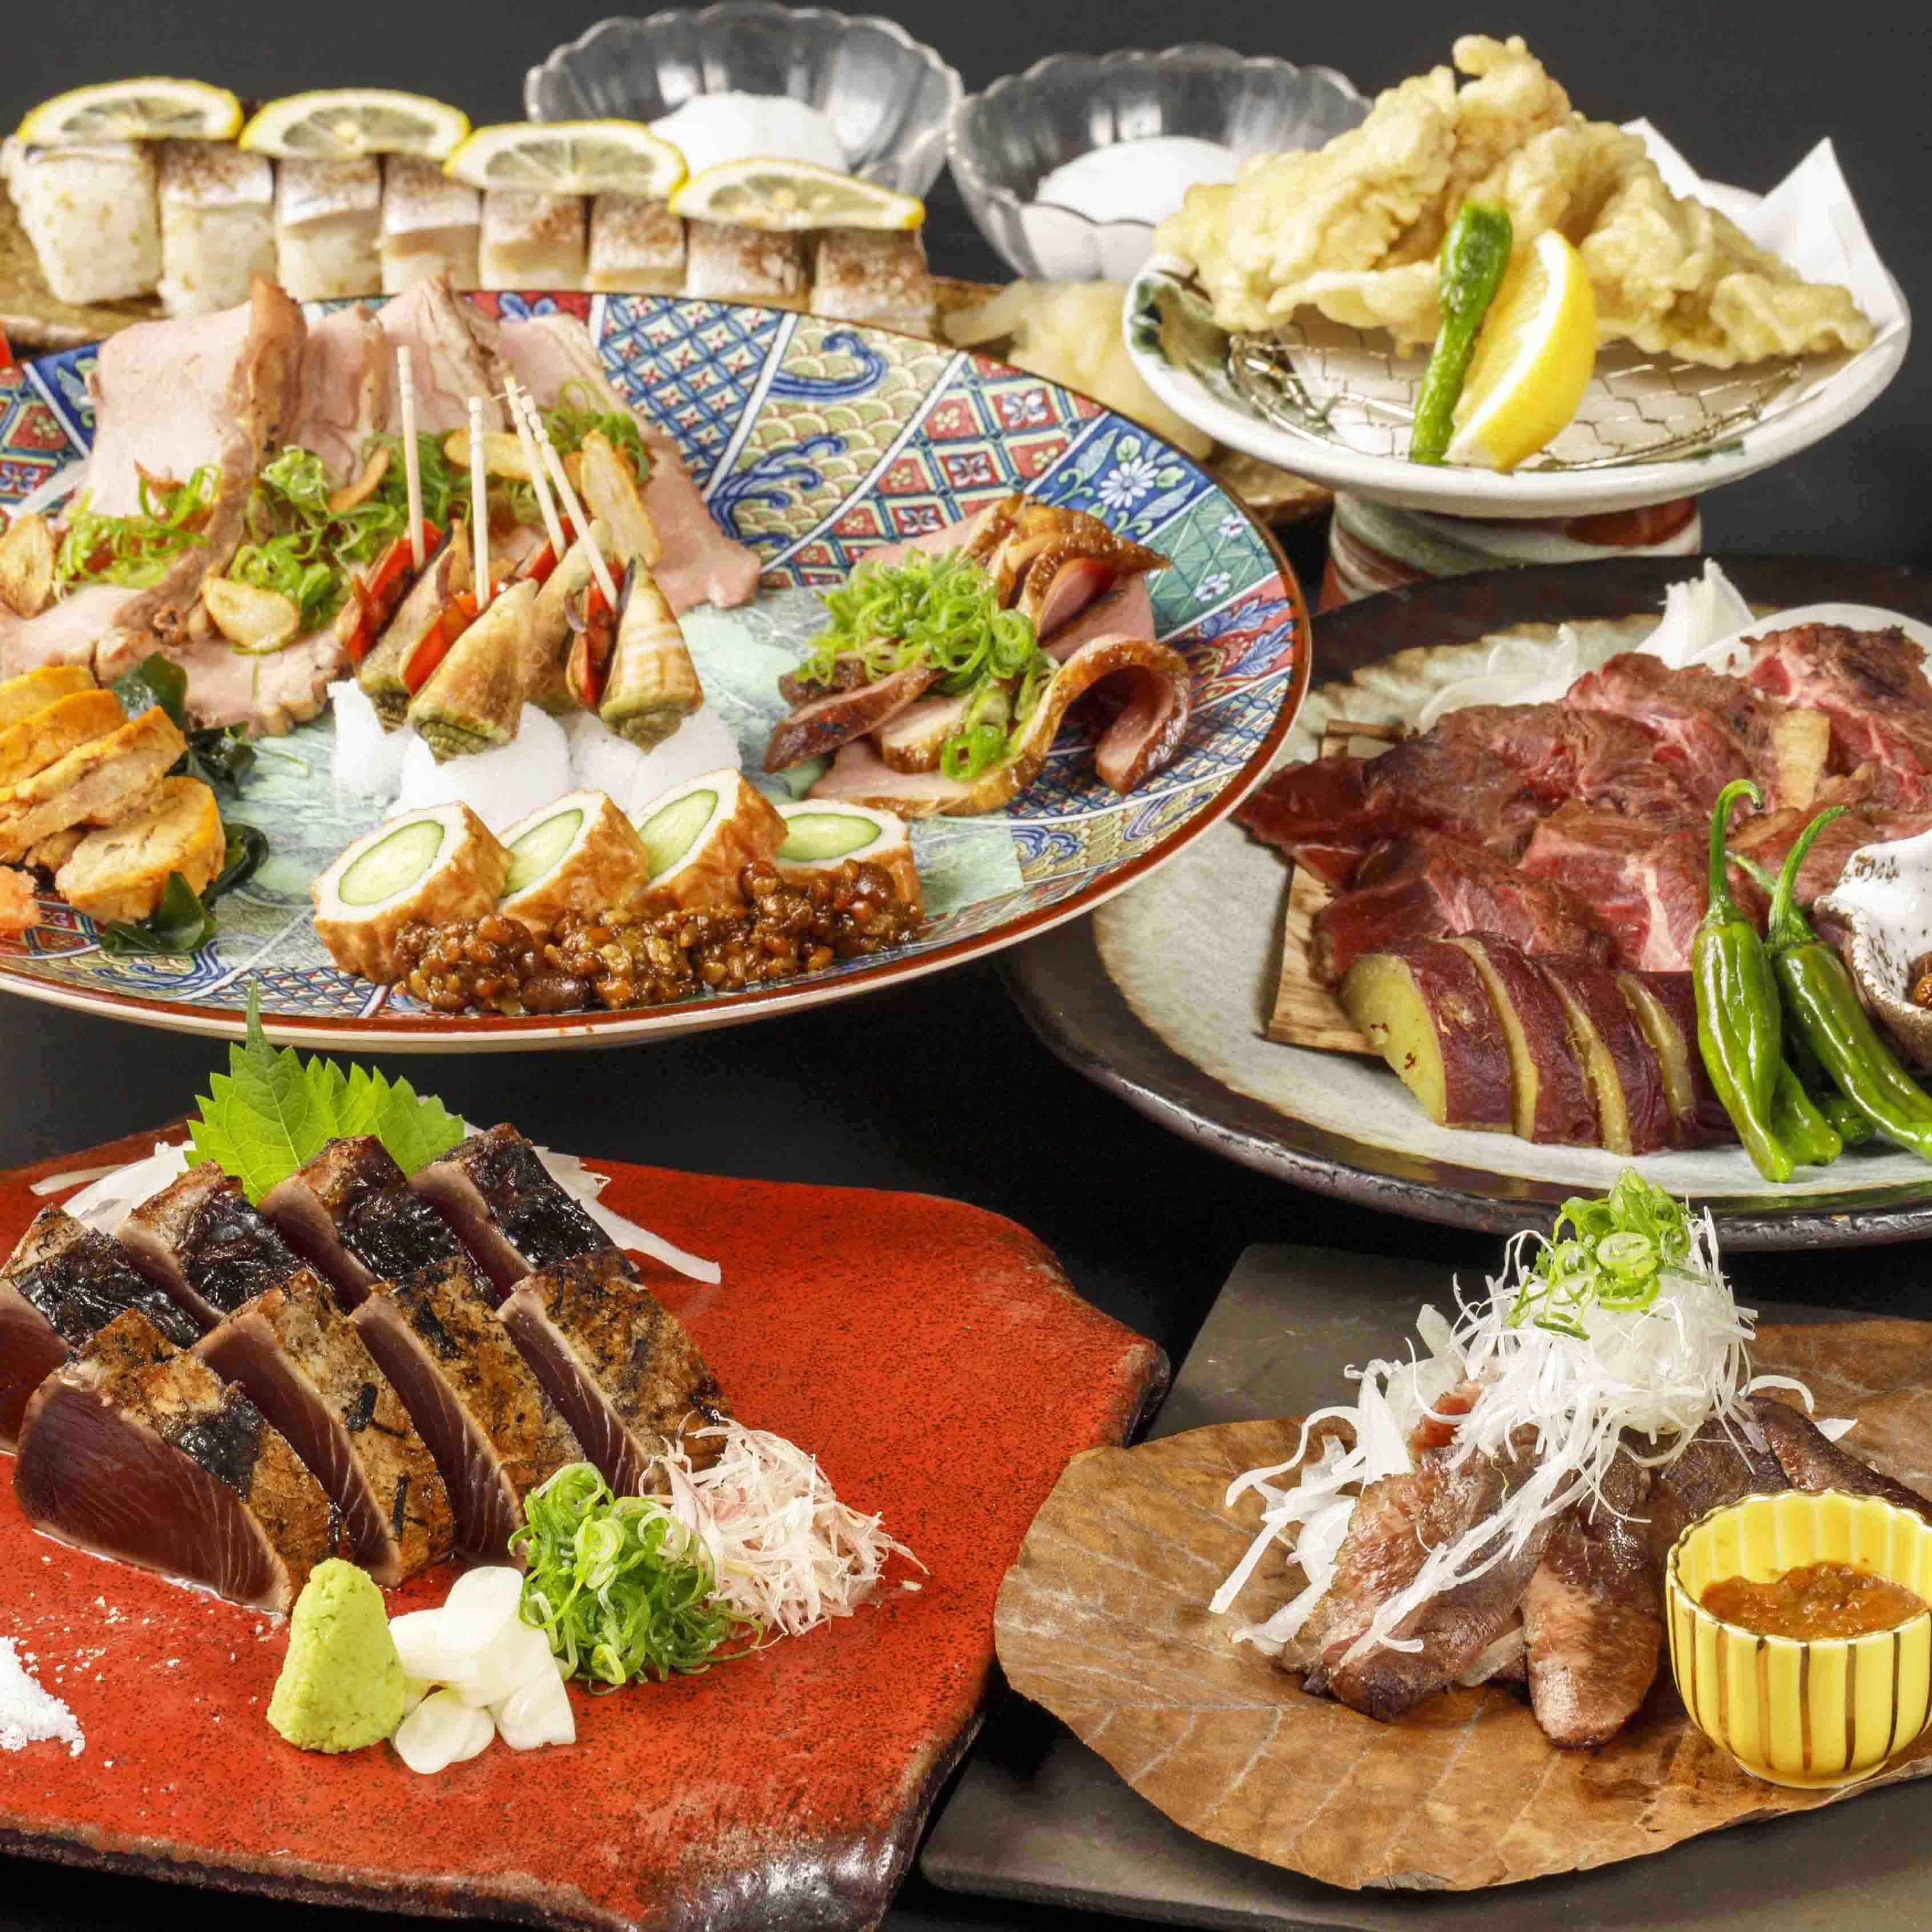 [曜日限定] [2時間飲み放題] 鰹×黒毛和牛の藁焼き よさこいコース12品